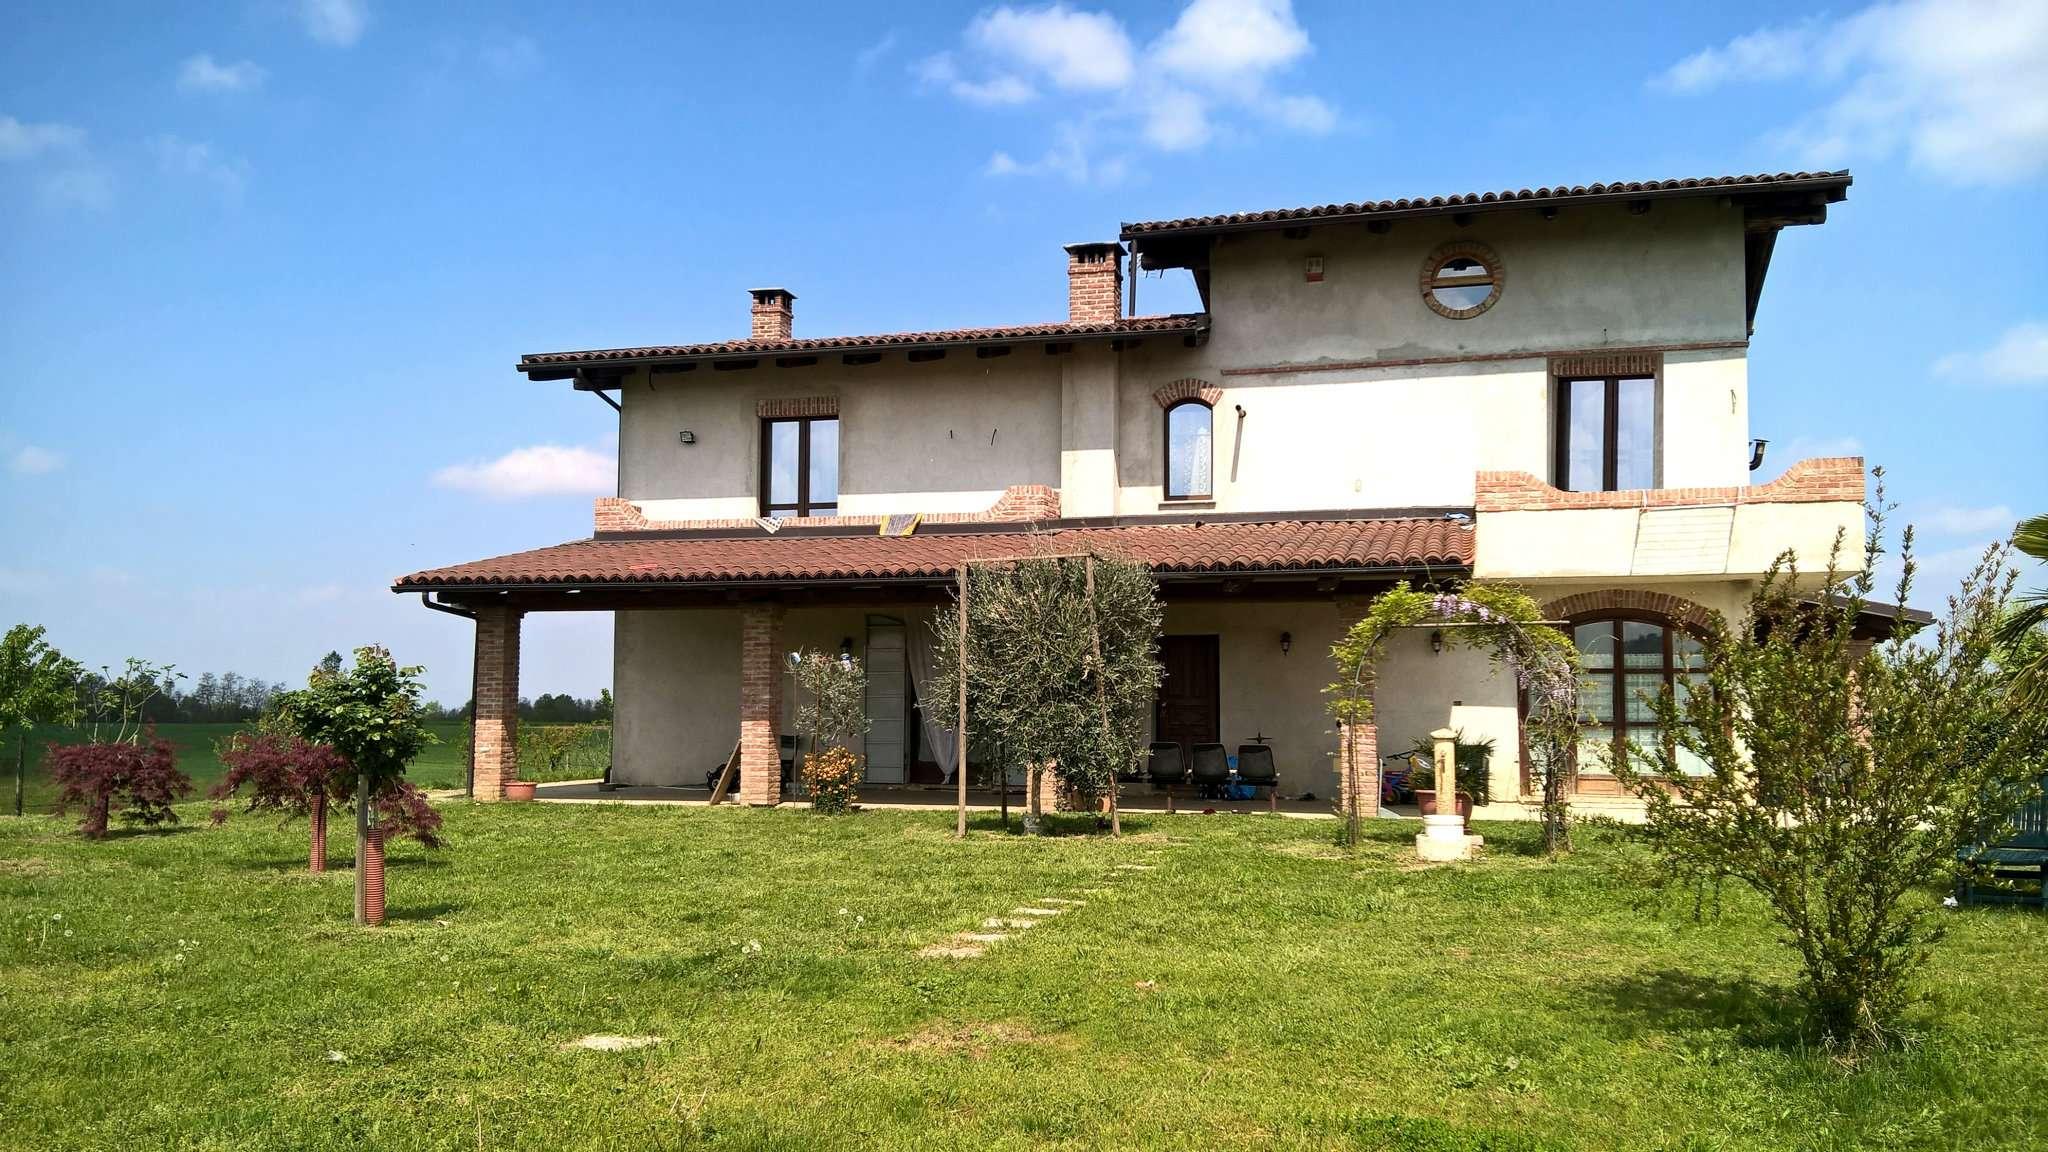 Villa in vendita a Pralormo, 8 locali, prezzo € 270.000 | CambioCasa.it